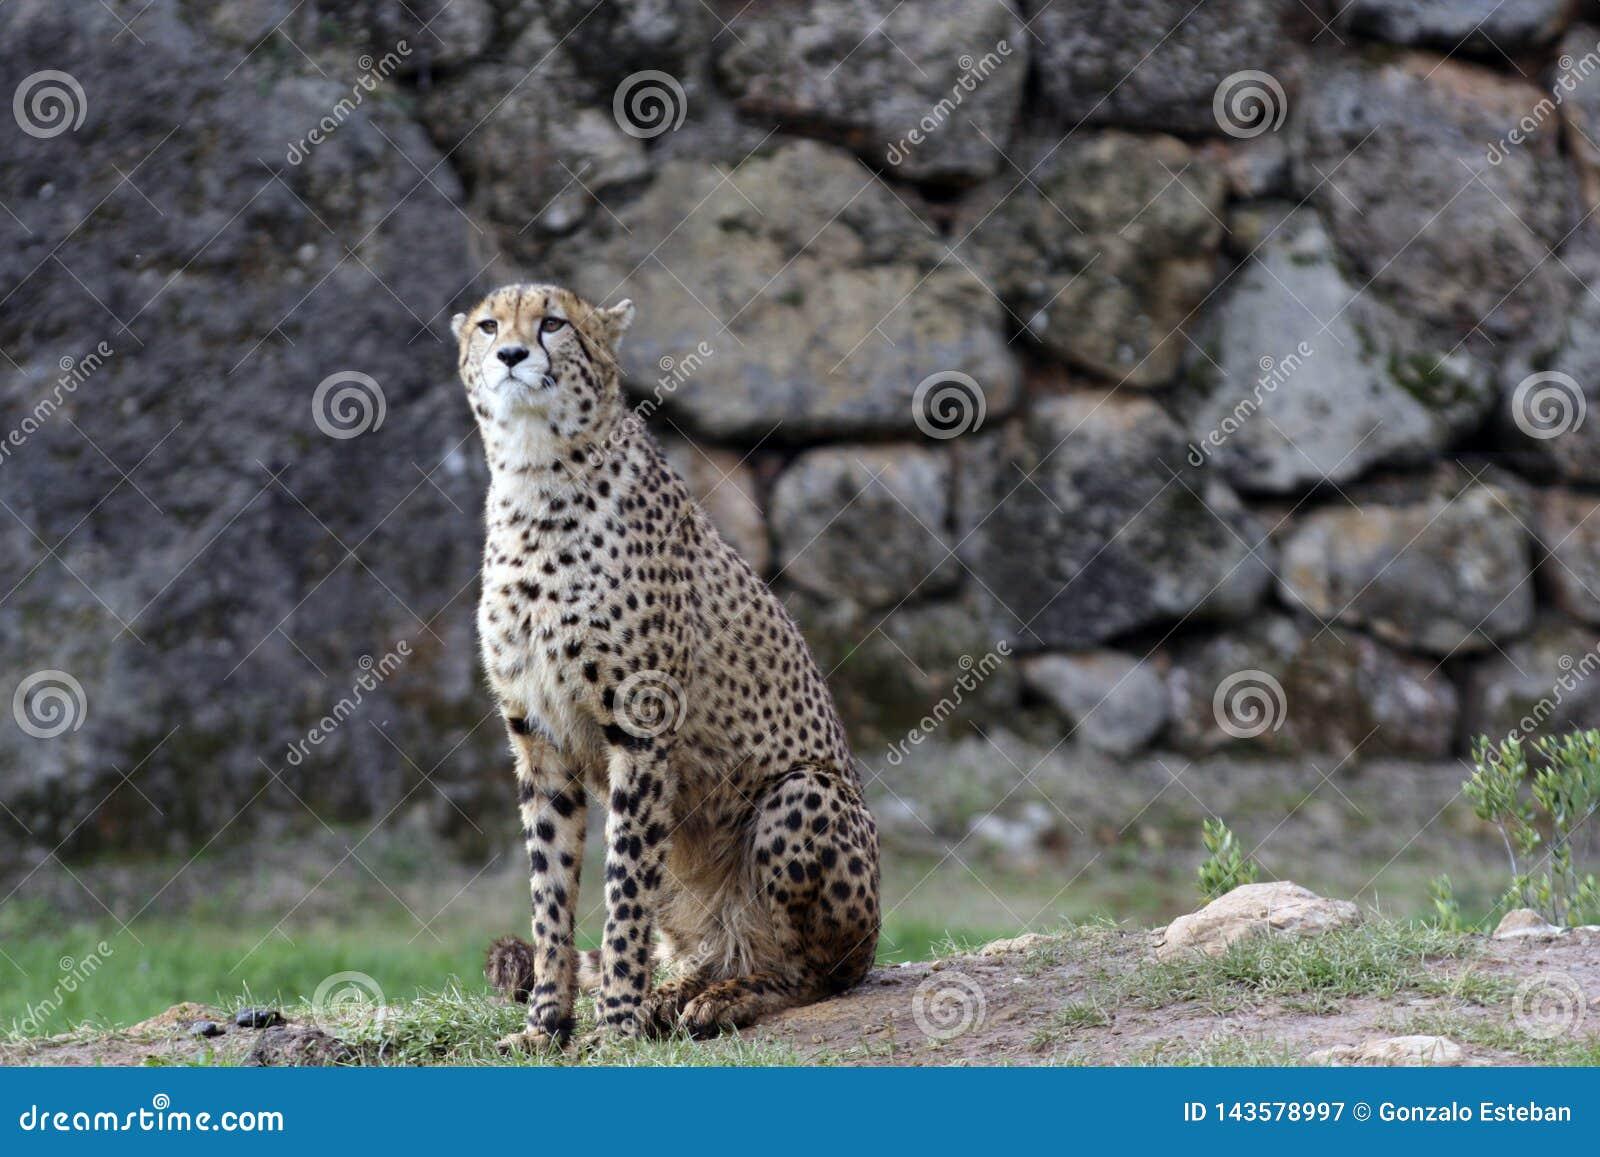 Alert cheetah in the park